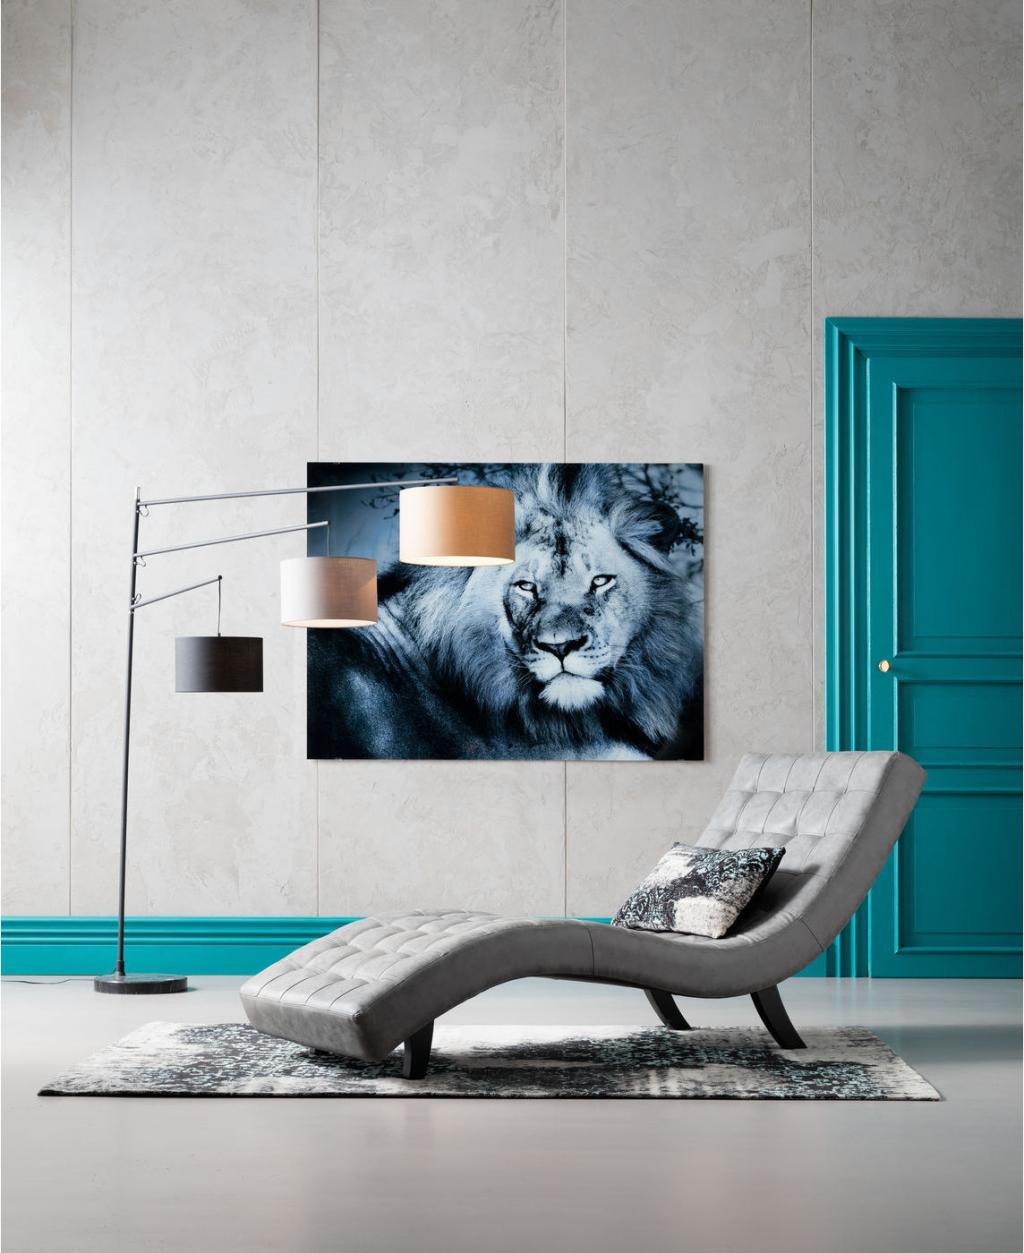 Kare Design - Fauteuil Snake Slumber - 197x82x78 - Kunstleer Grijs - 82x197x78